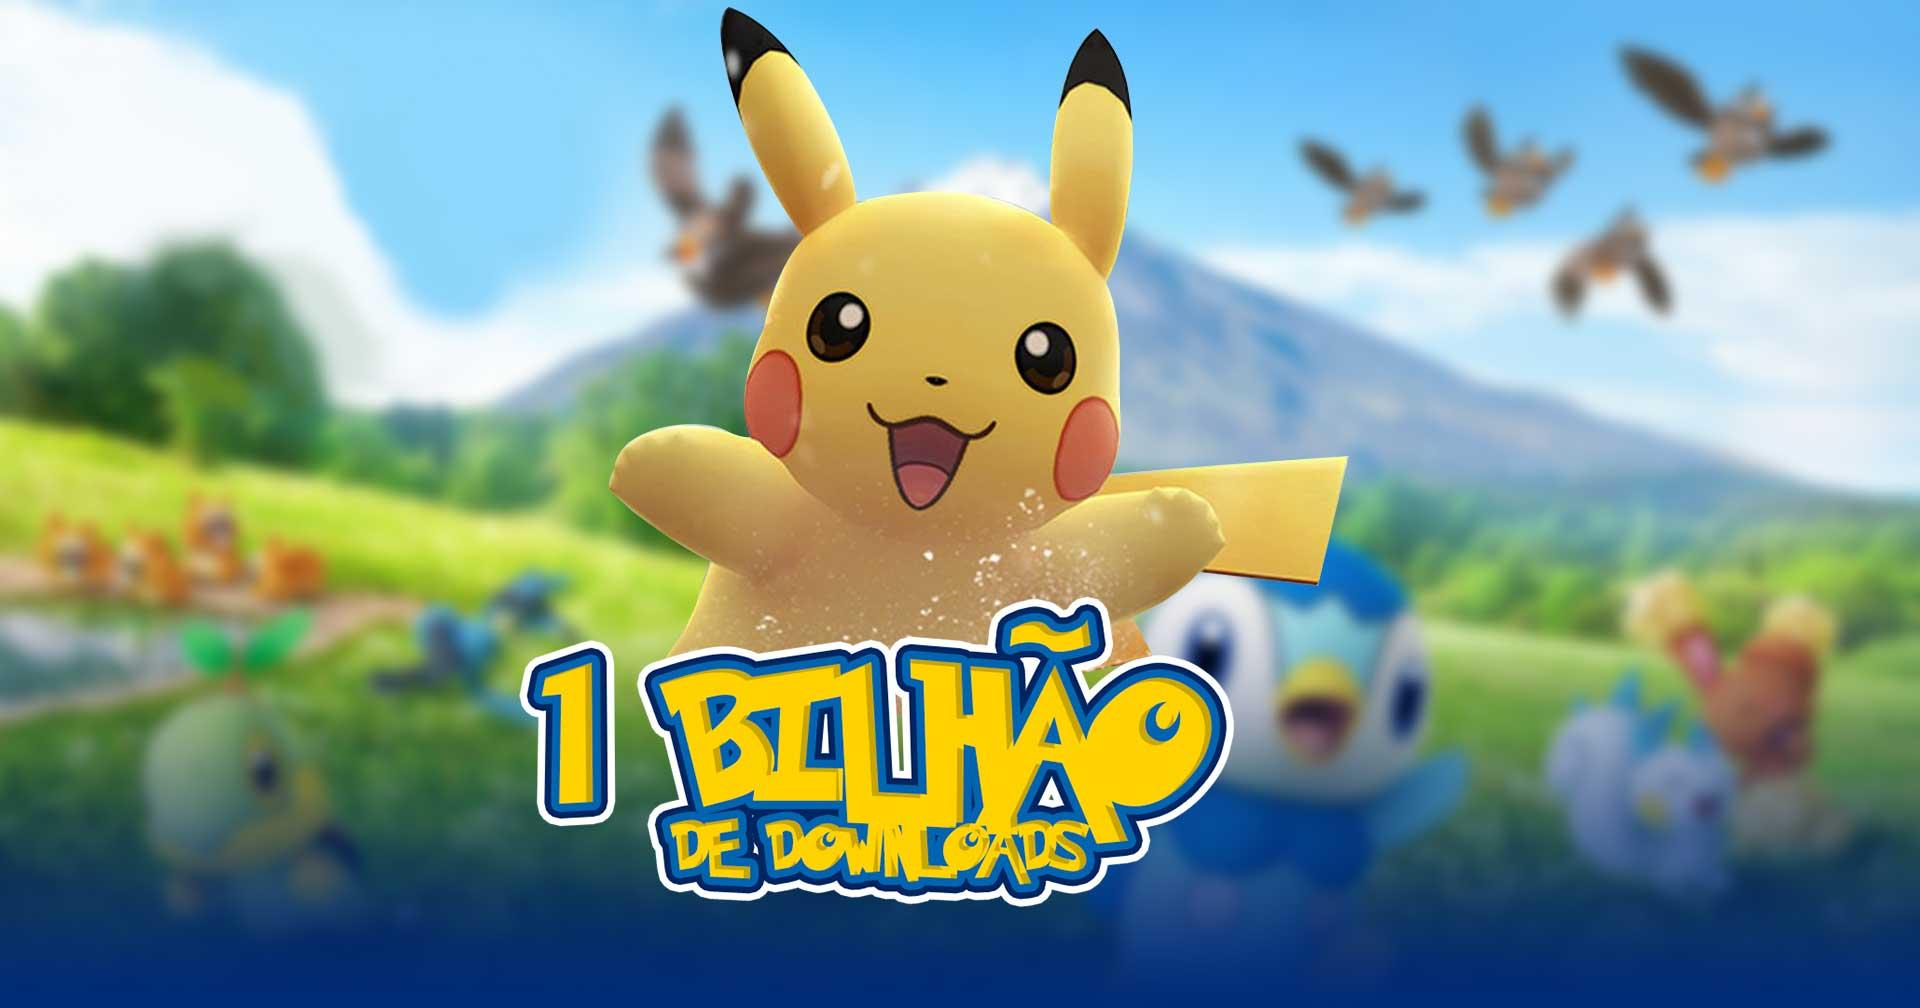 Pokémon GO Atinge 1 Bilhão de Downloads